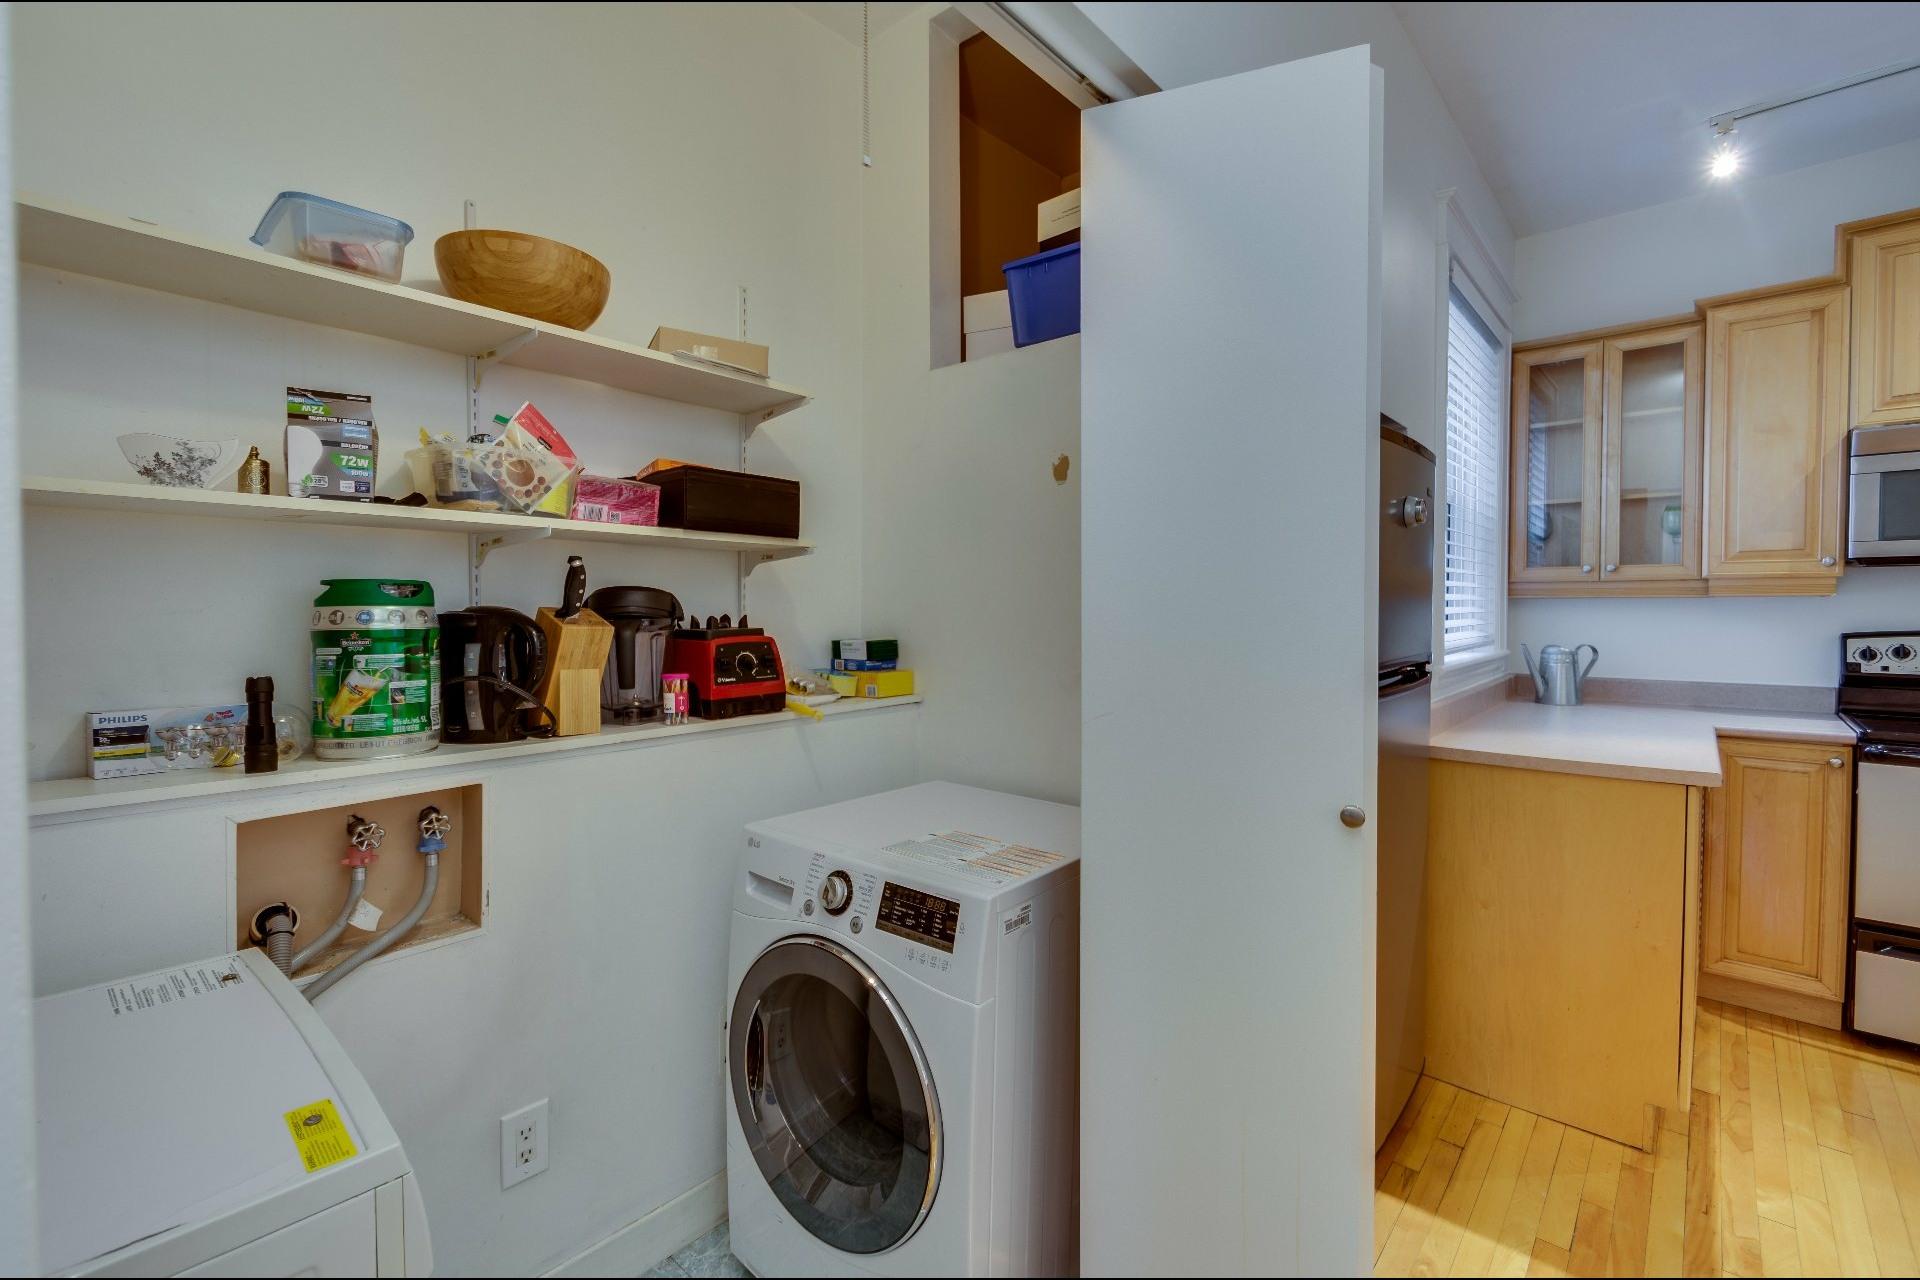 image 9 - Appartement À vendre Côte-des-Neiges/Notre-Dame-de-Grâce Montréal  - 7 pièces